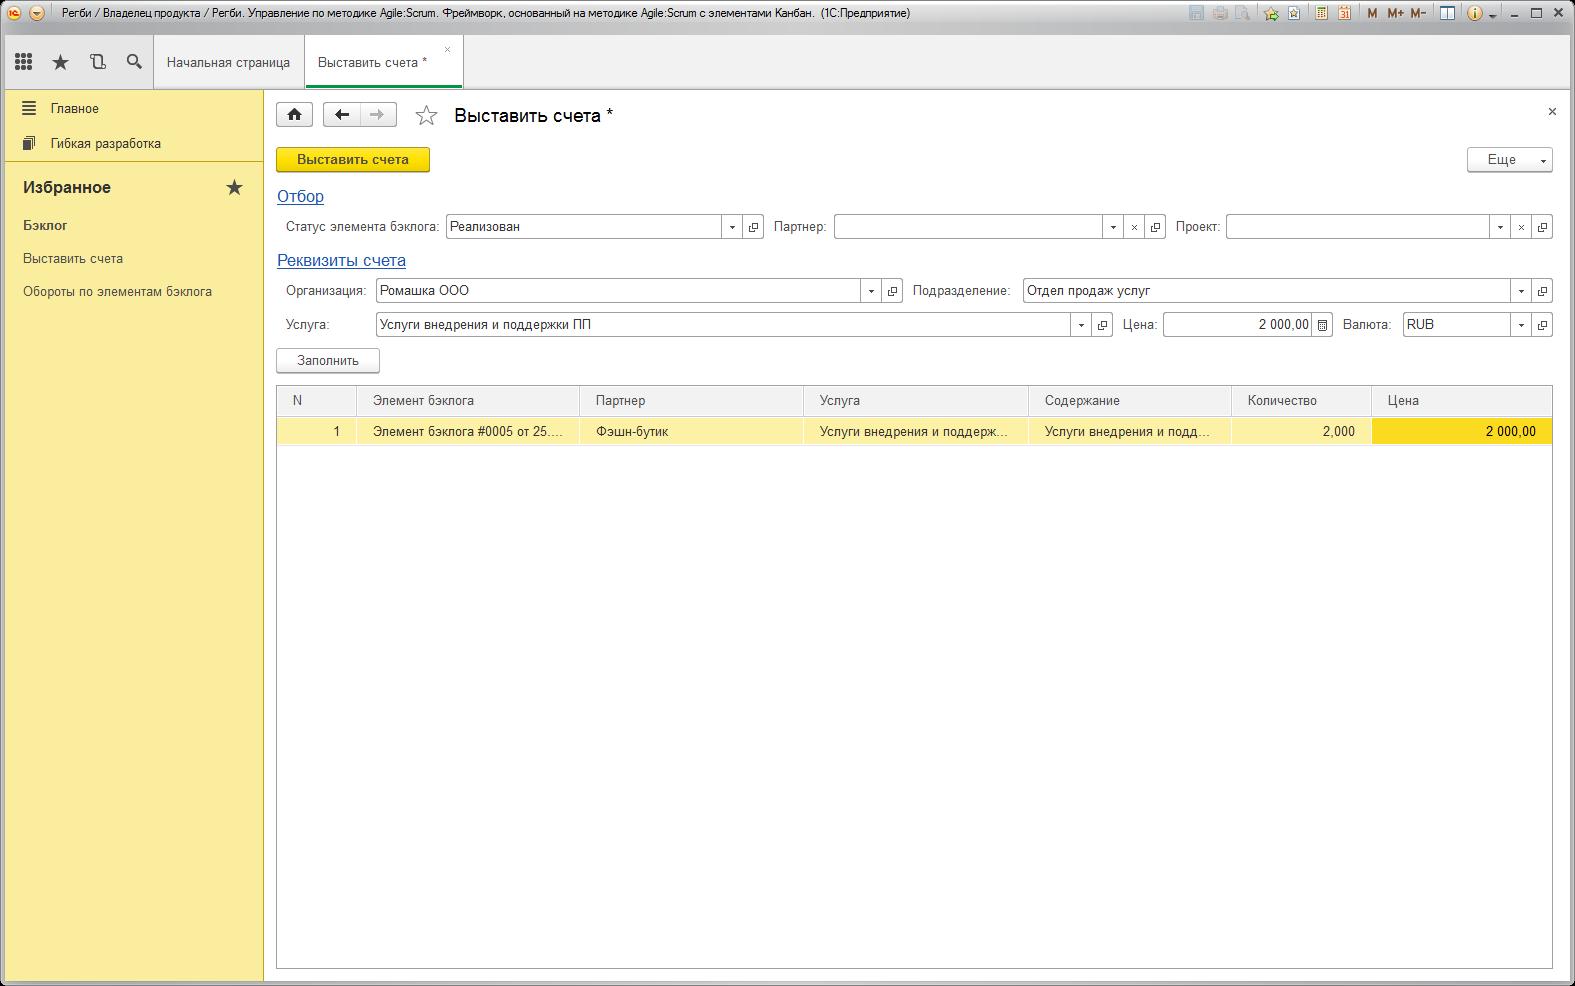 Скриншот - выставление счетов